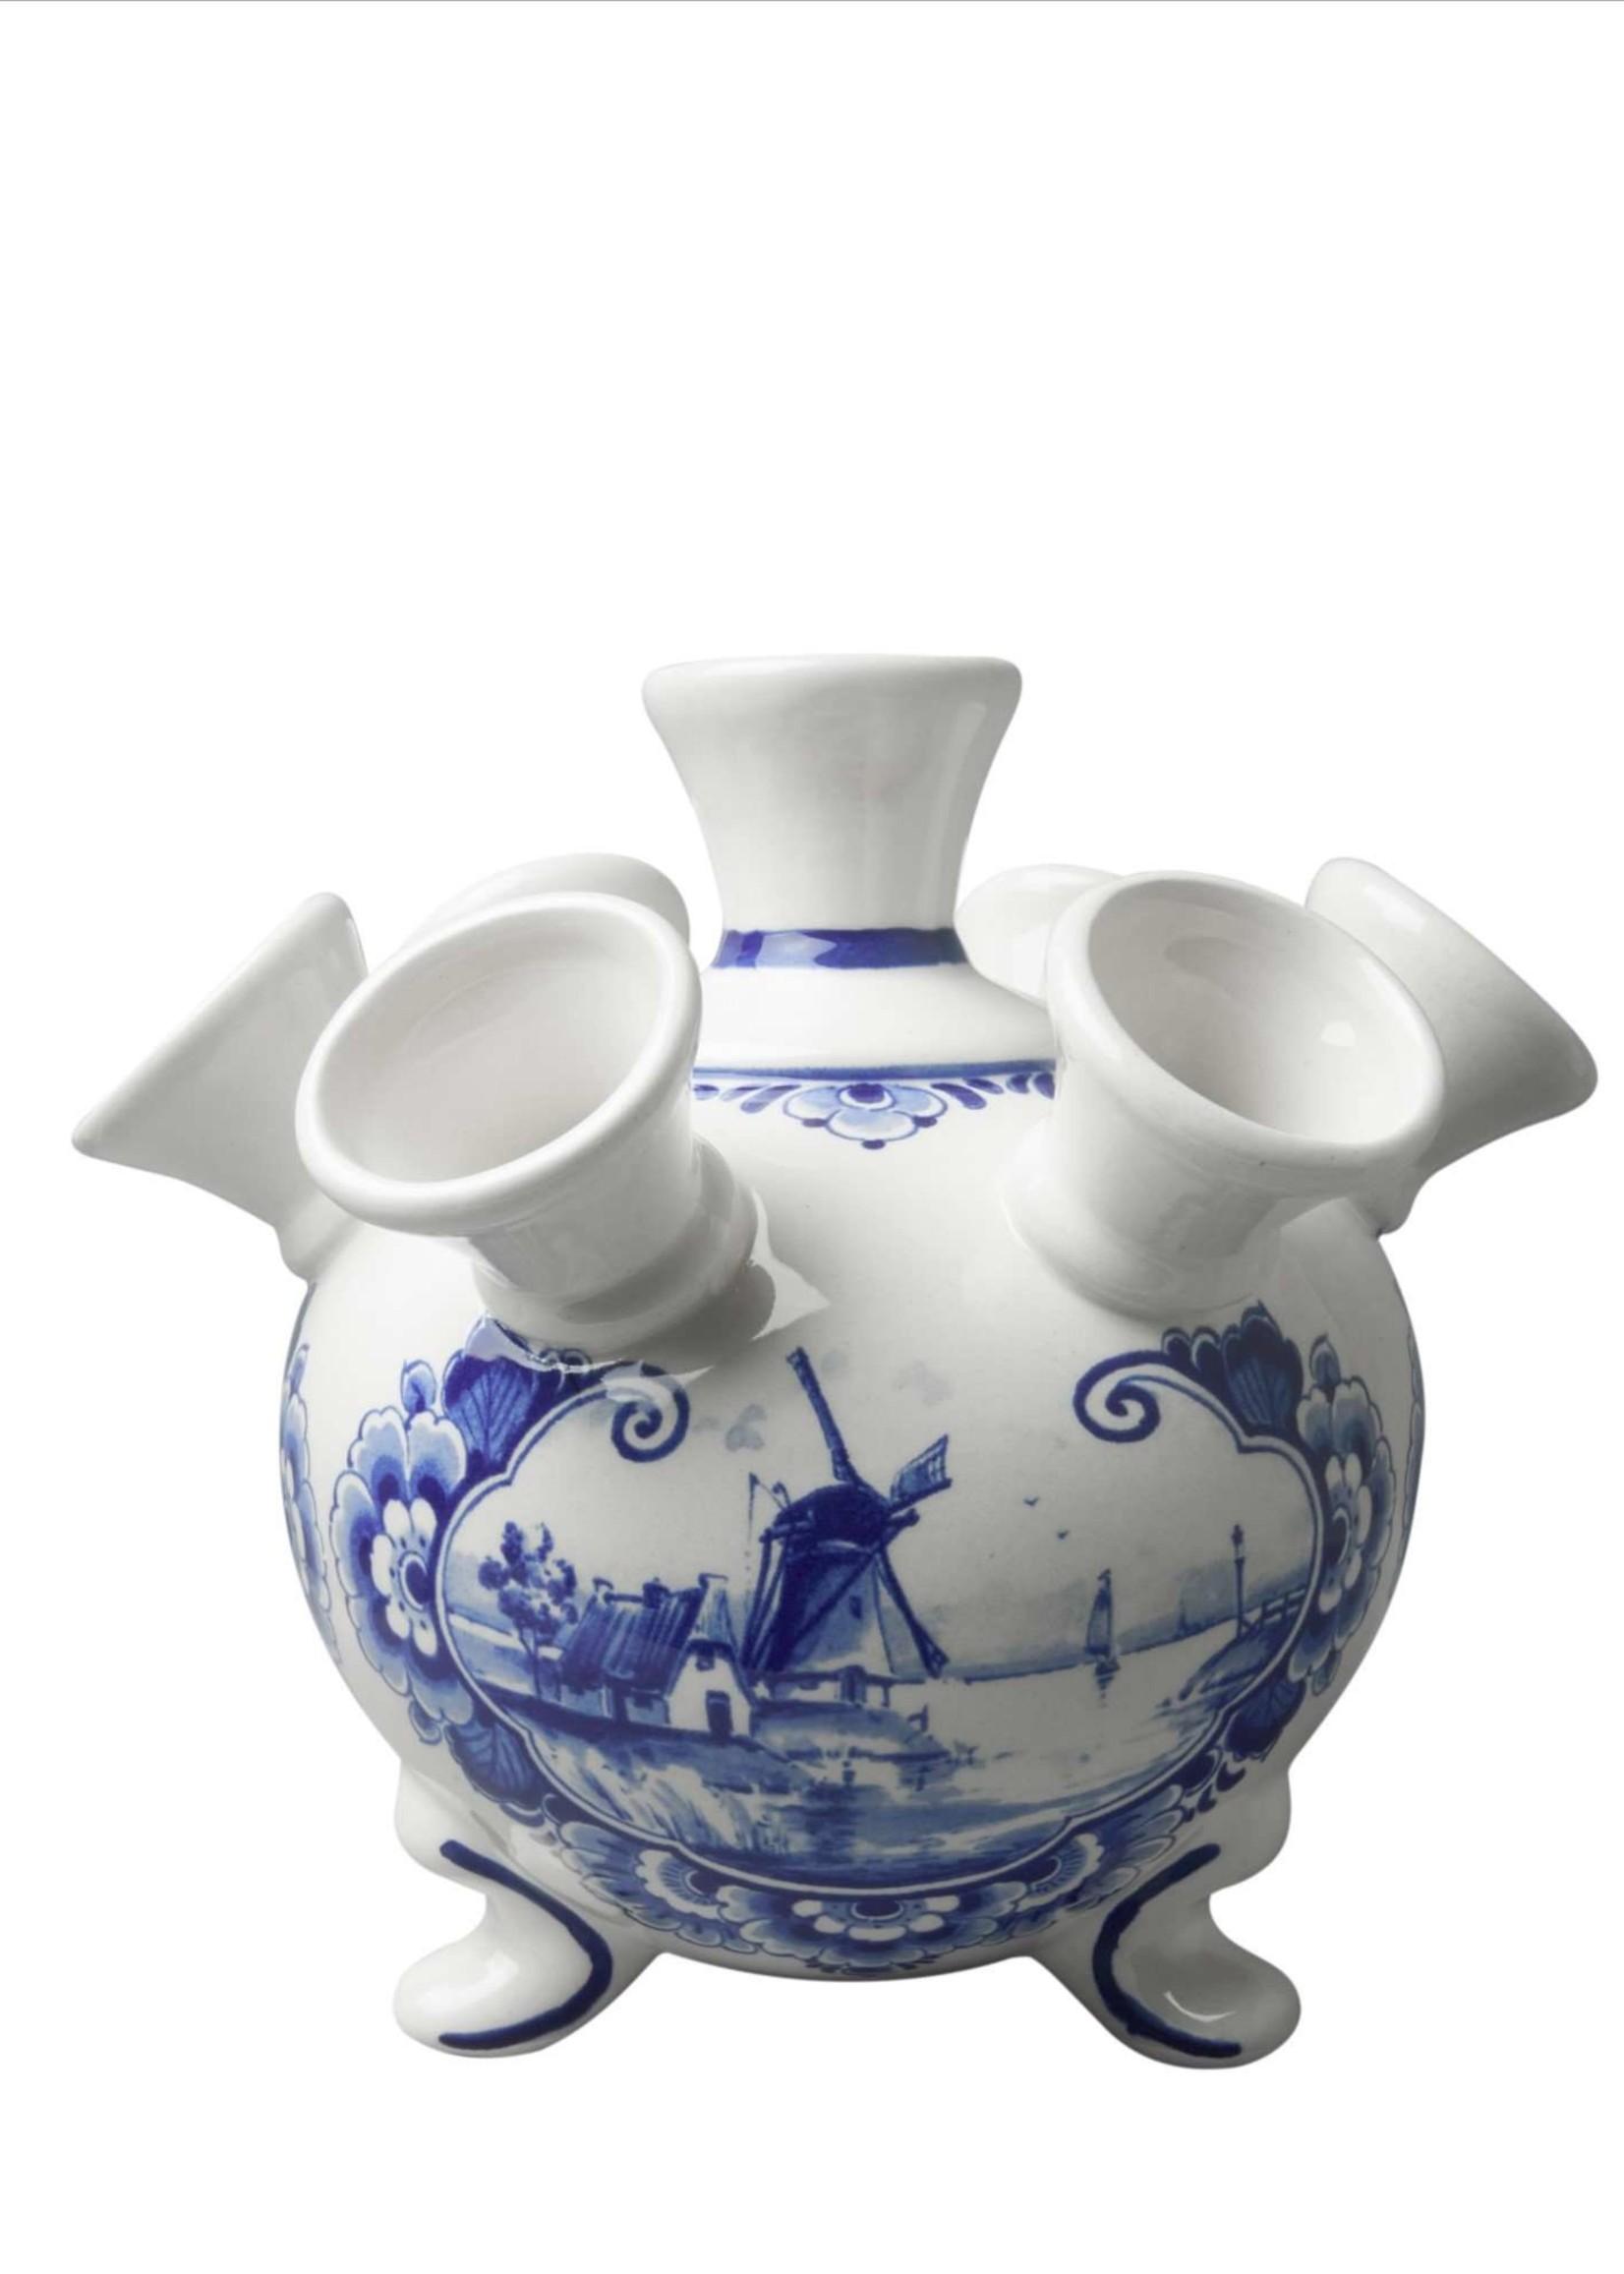 Heinen Delfts Blauw Delfts Blauwe Tulpen Vaas met Pootjes, Landschap met Windmolen, Groot